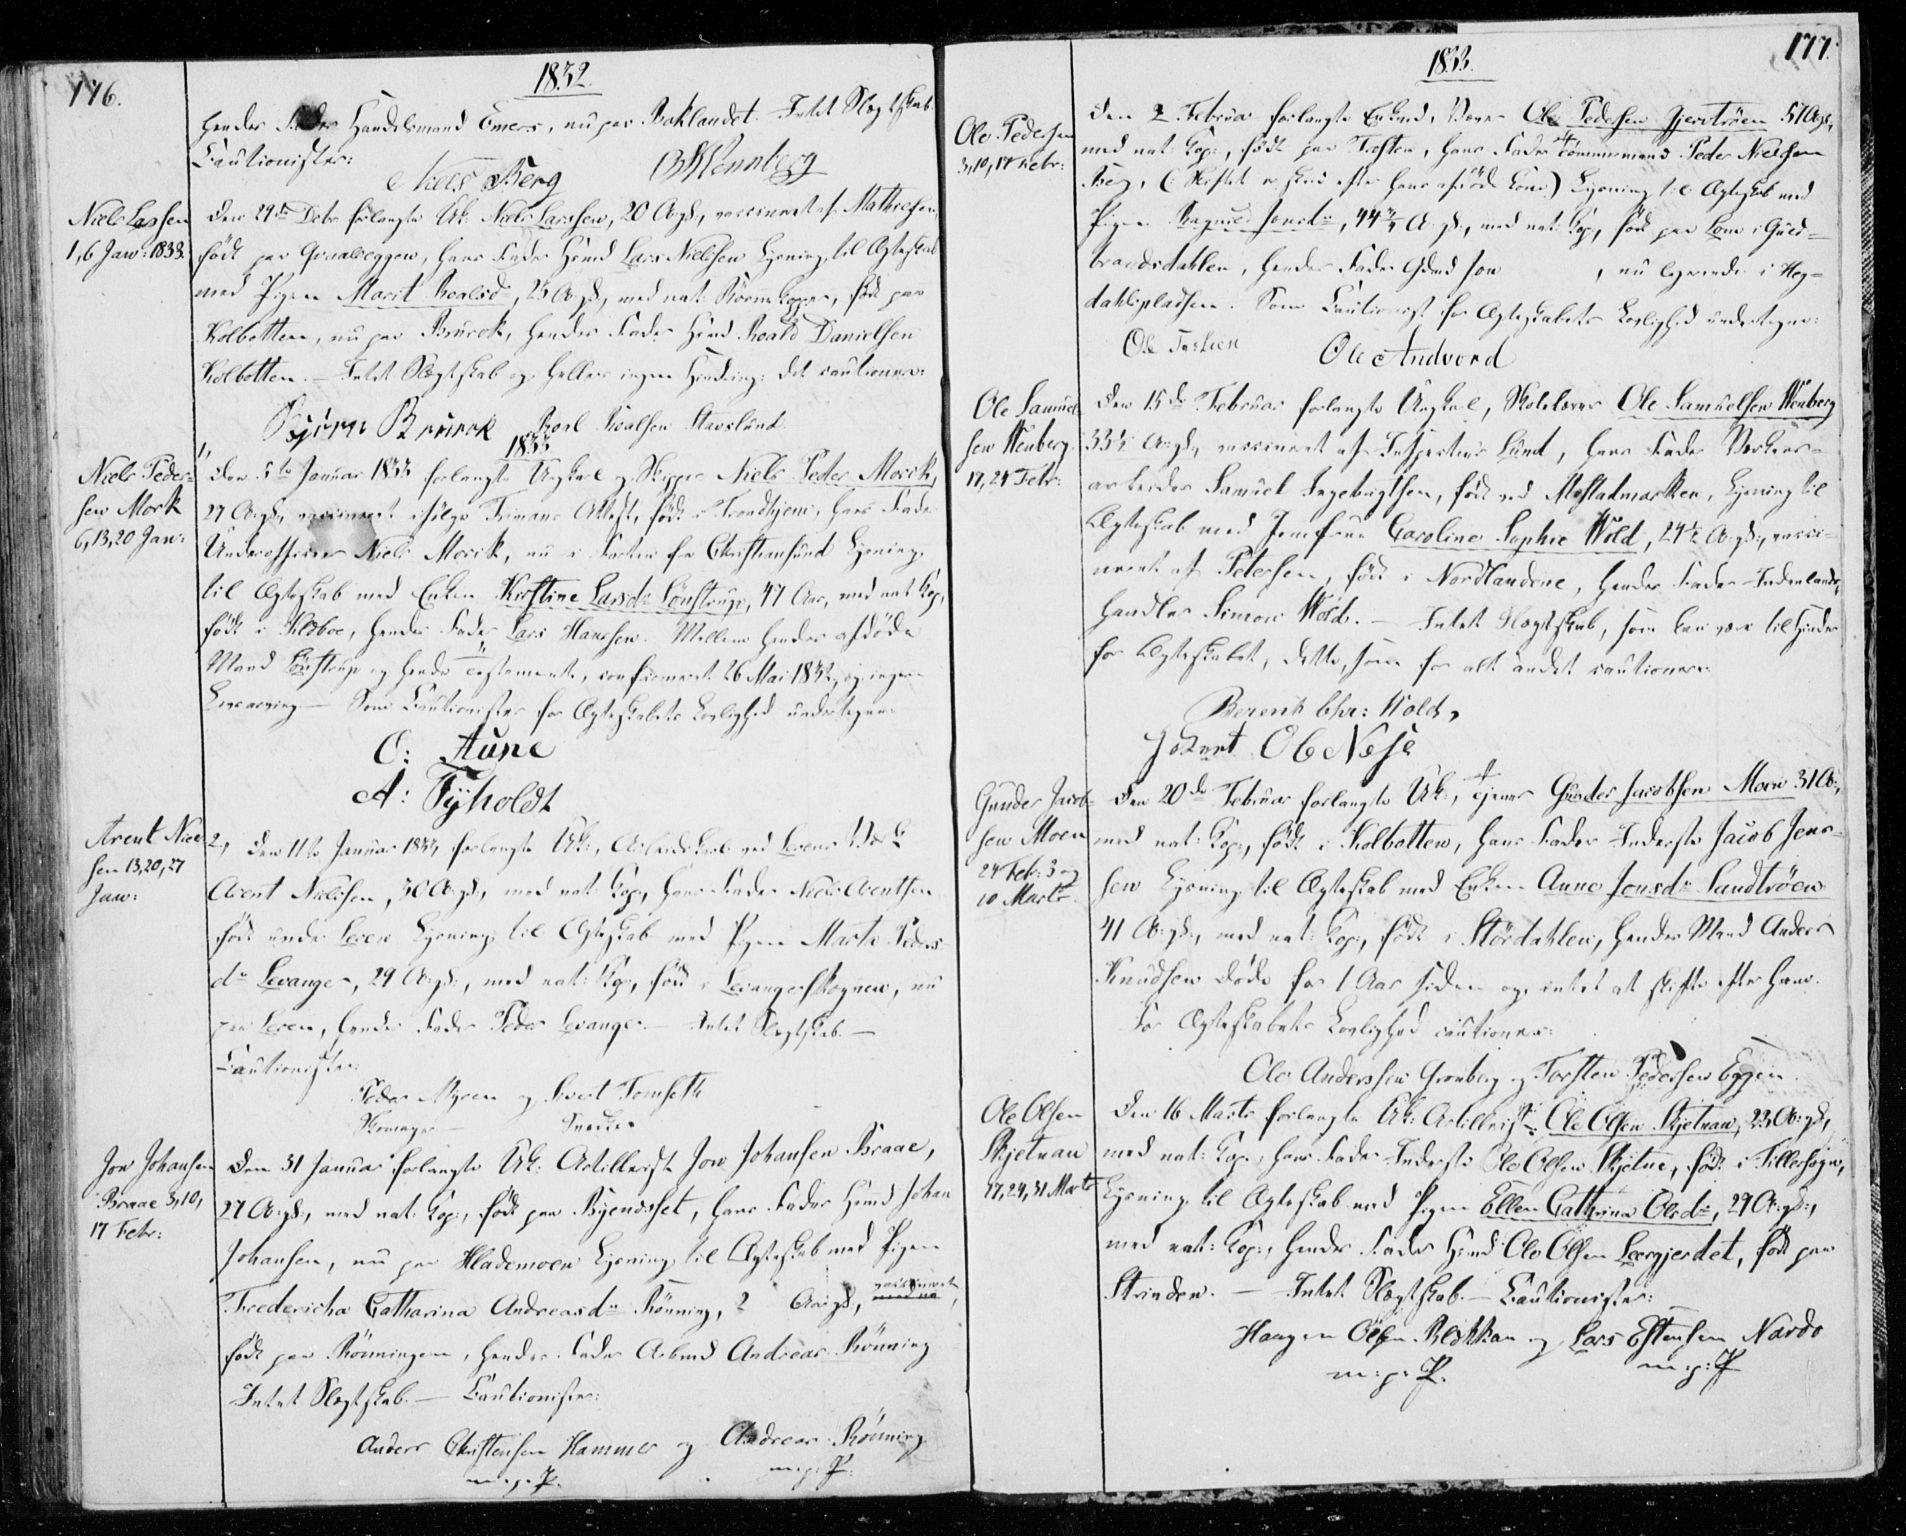 SAT, Ministerialprotokoller, klokkerbøker og fødselsregistre - Sør-Trøndelag, 606/L0295: Lysningsprotokoll nr. 606A10, 1815-1833, s. 176-177